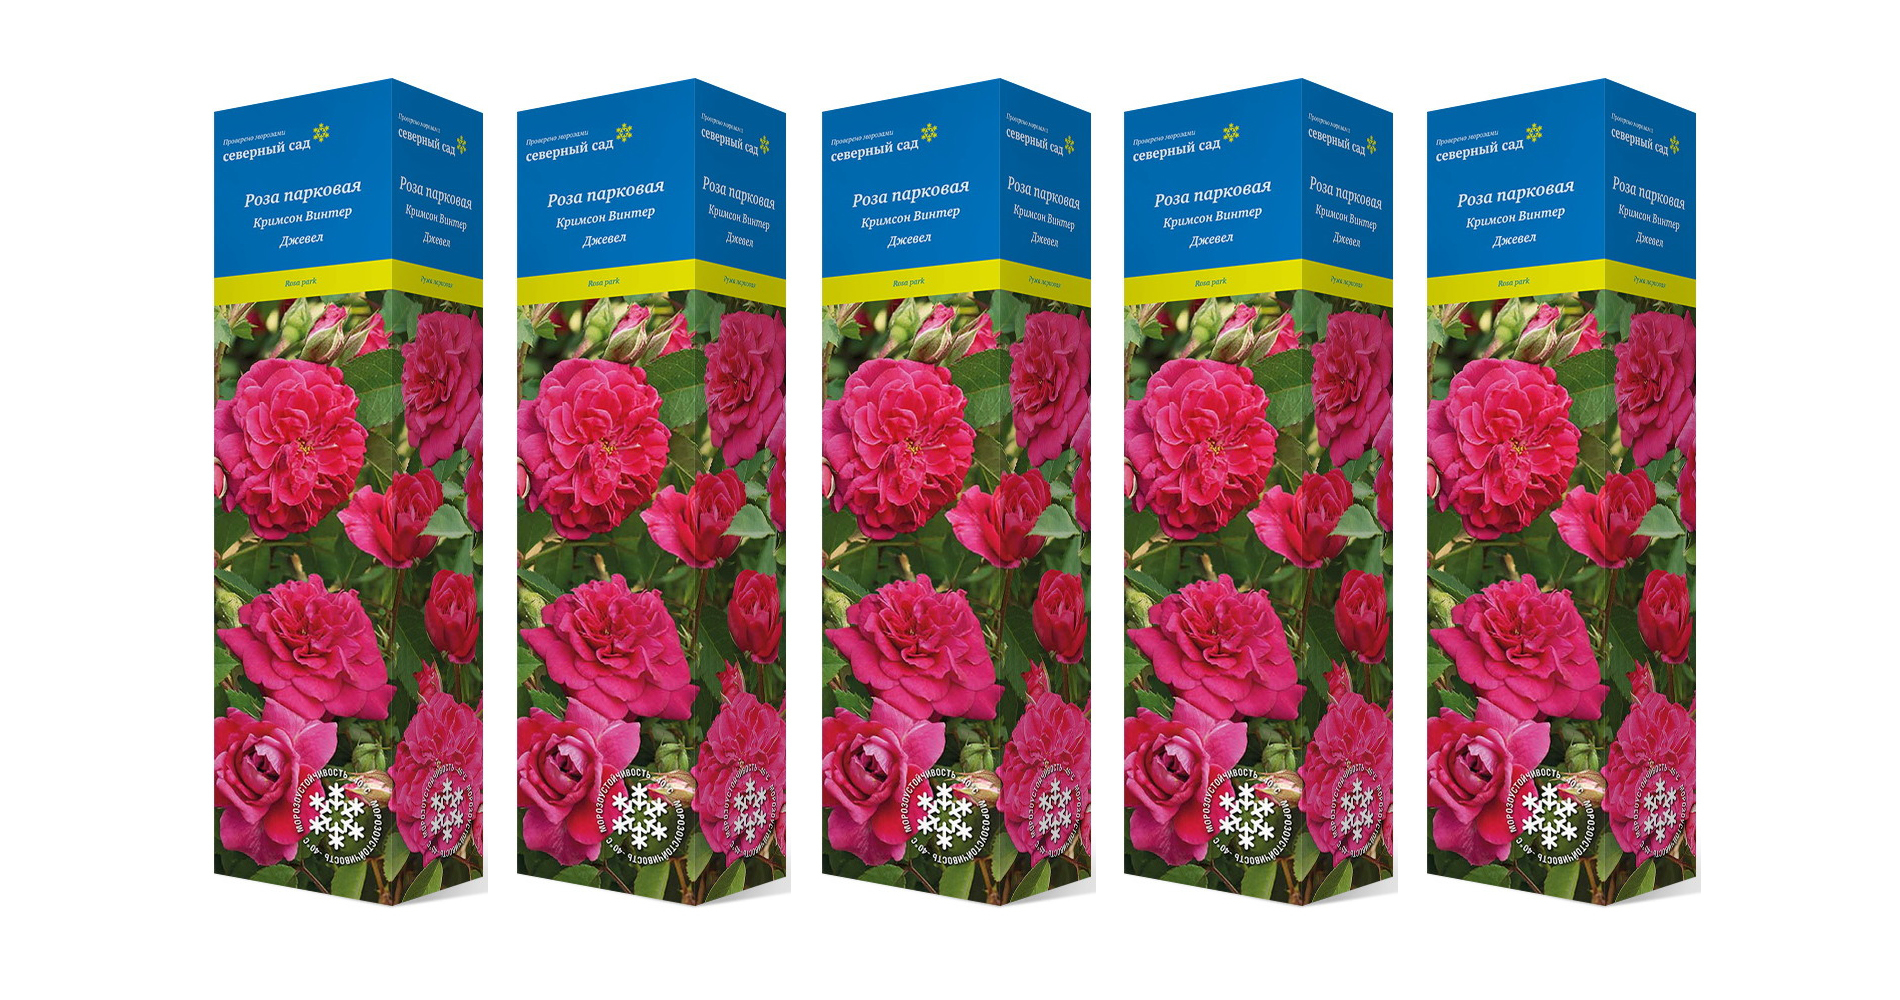 Розы серии Северный сад